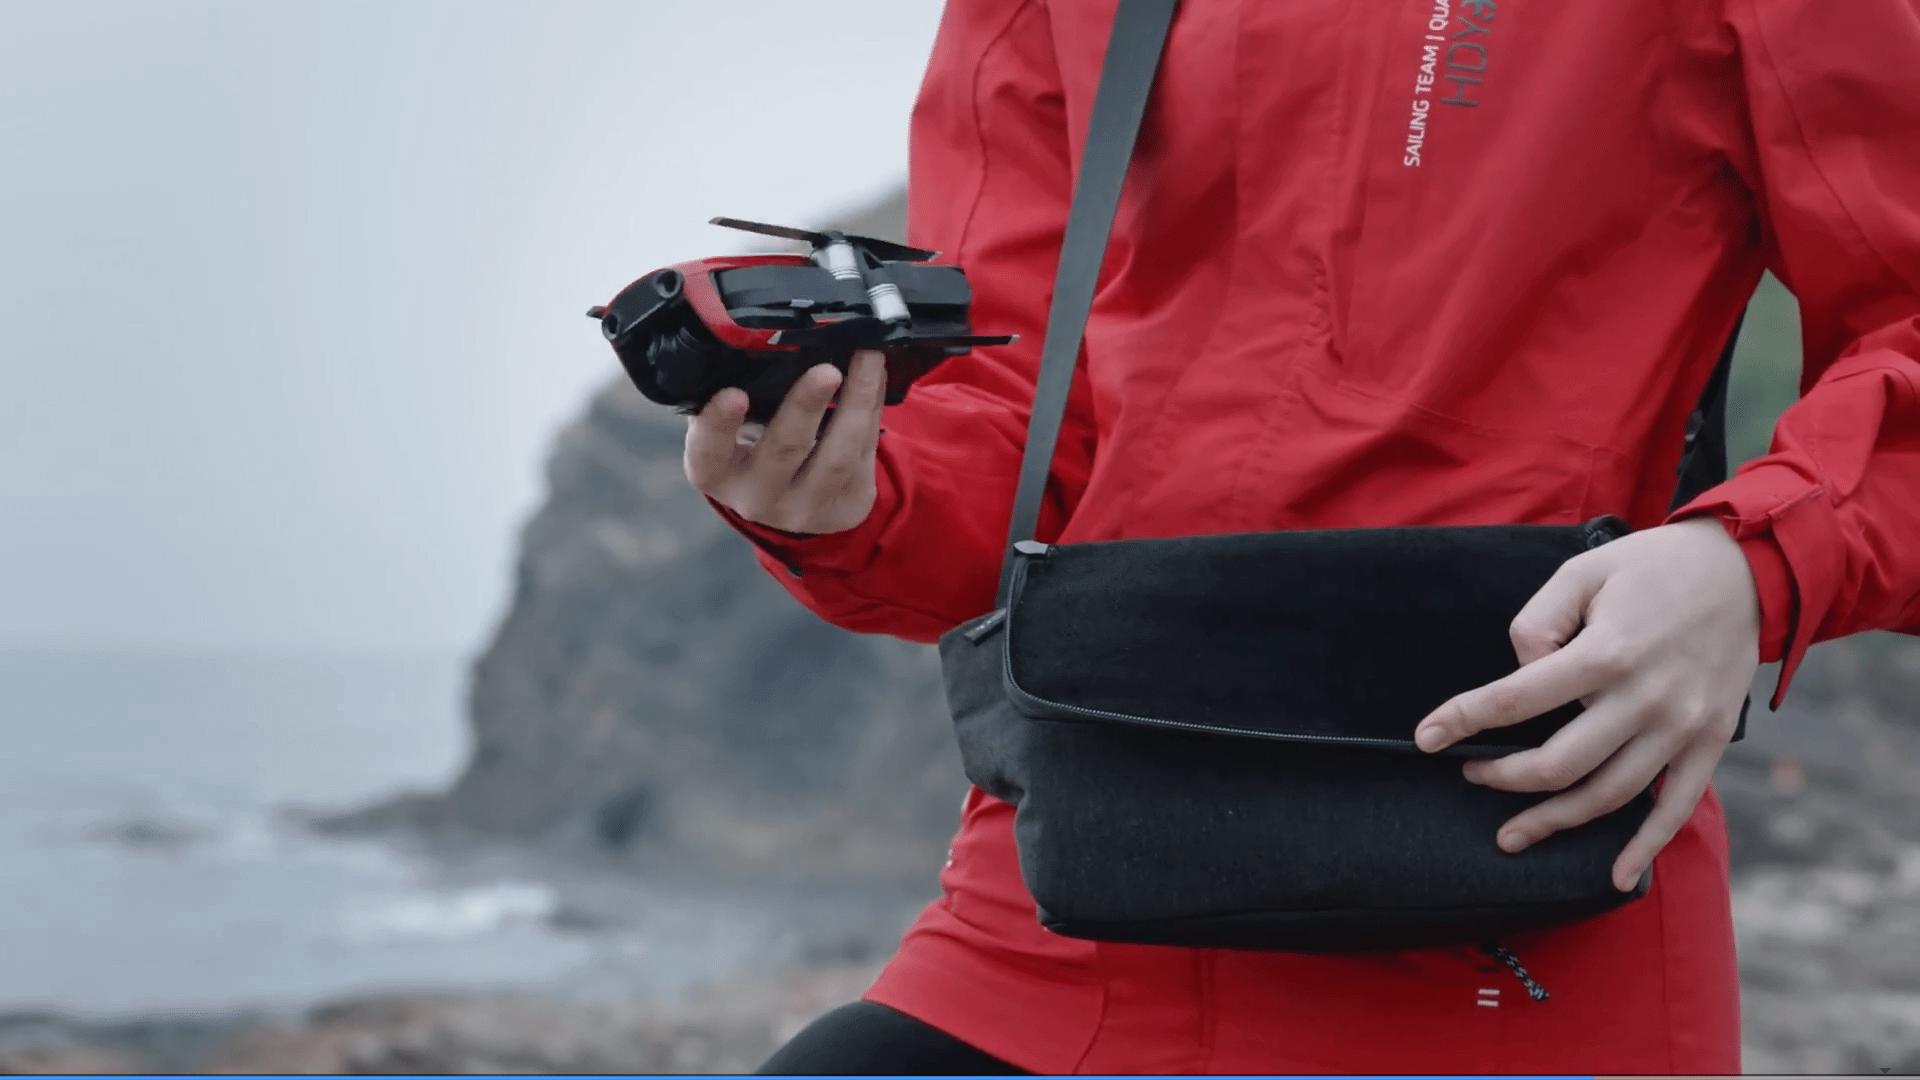 Dji lança mavic air, o drone compacto e poderoso. Num evento que ocorreu hoje, em nova iorque, a dji lançou seu mais novo drone. Com foco voltado para os aventureiros, o mavic air conta com câmera que filma em 4k e muito mais.